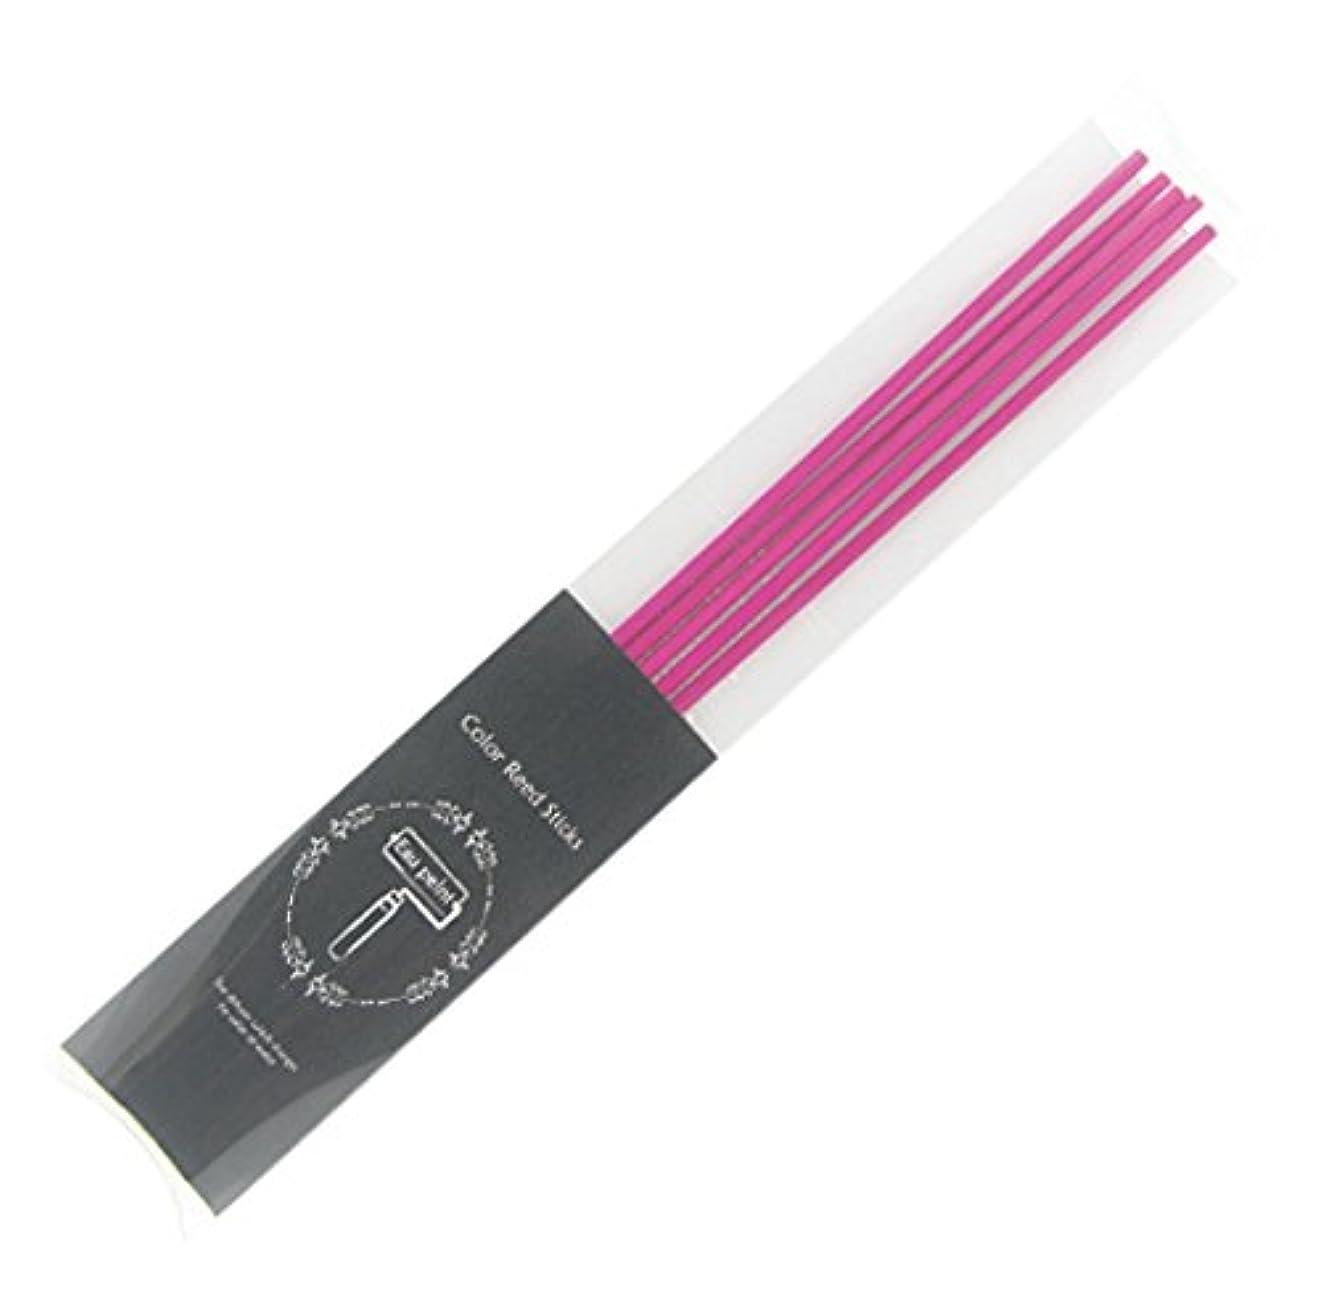 鬼ごっこ合法ご意見Eau peint mais+ カラースティック リードディフューザー用スティック 5本入 ピンク Pink オーペイント マイス